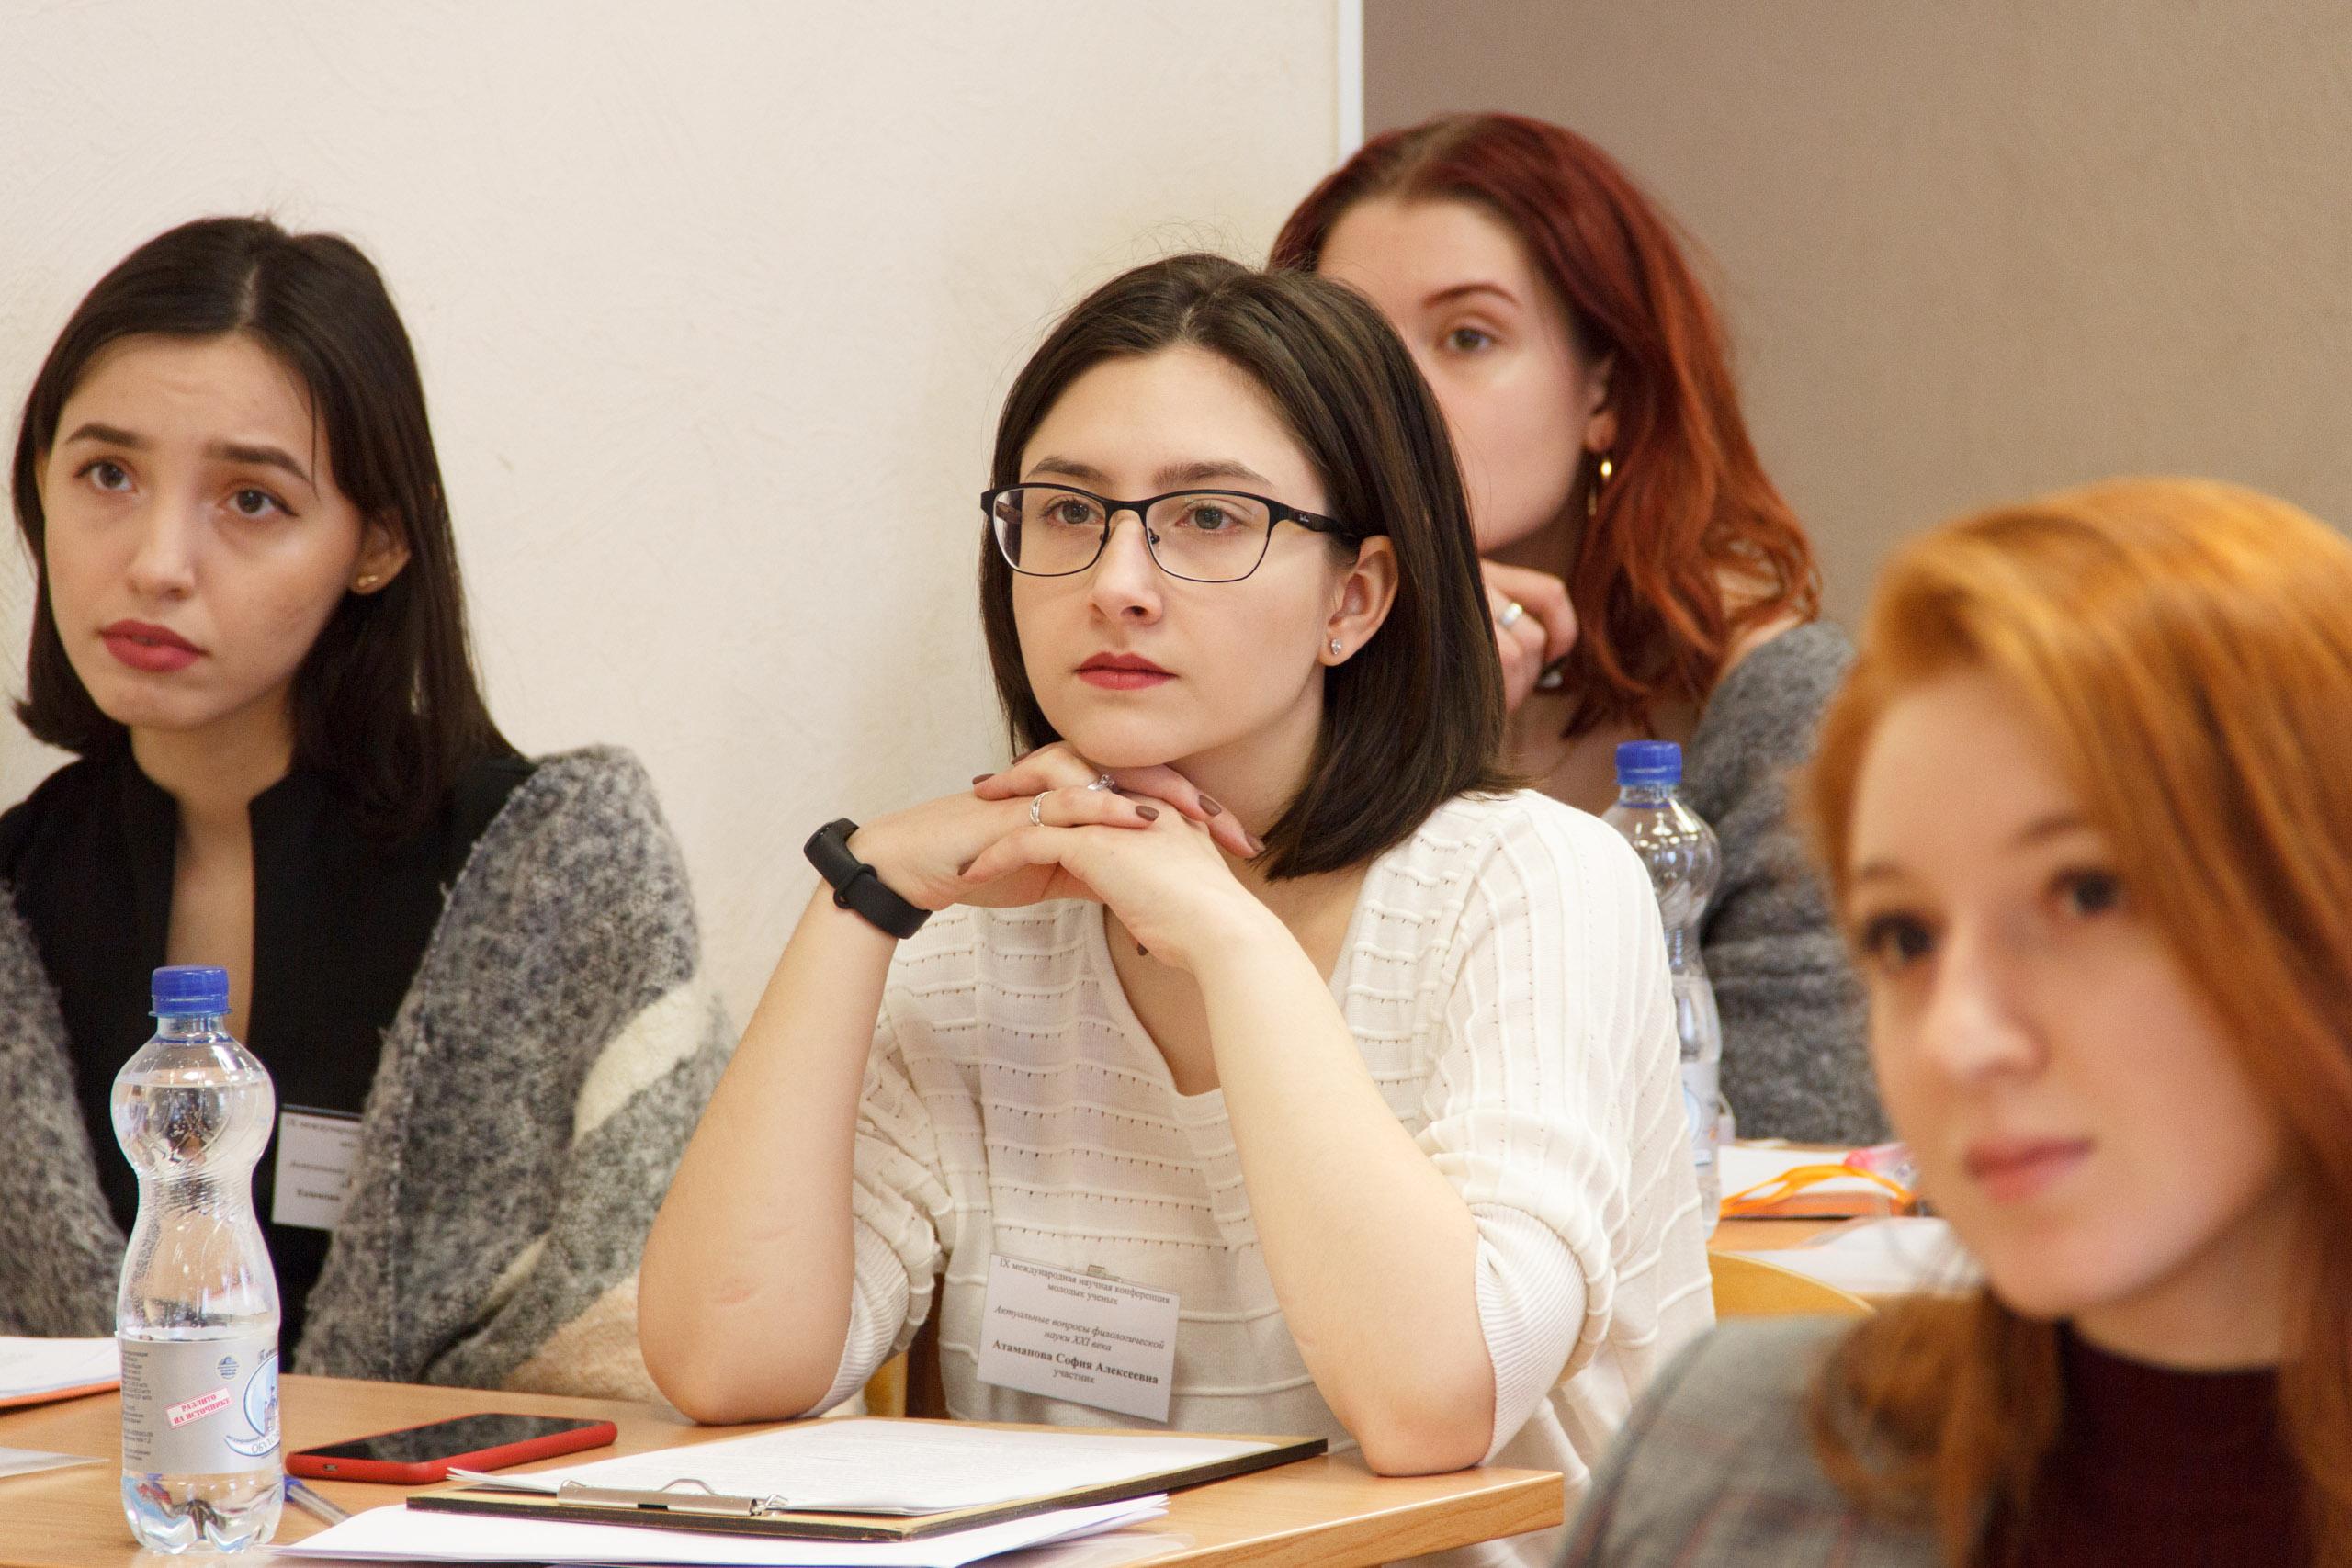 俄罗斯大学课堂上的大学生